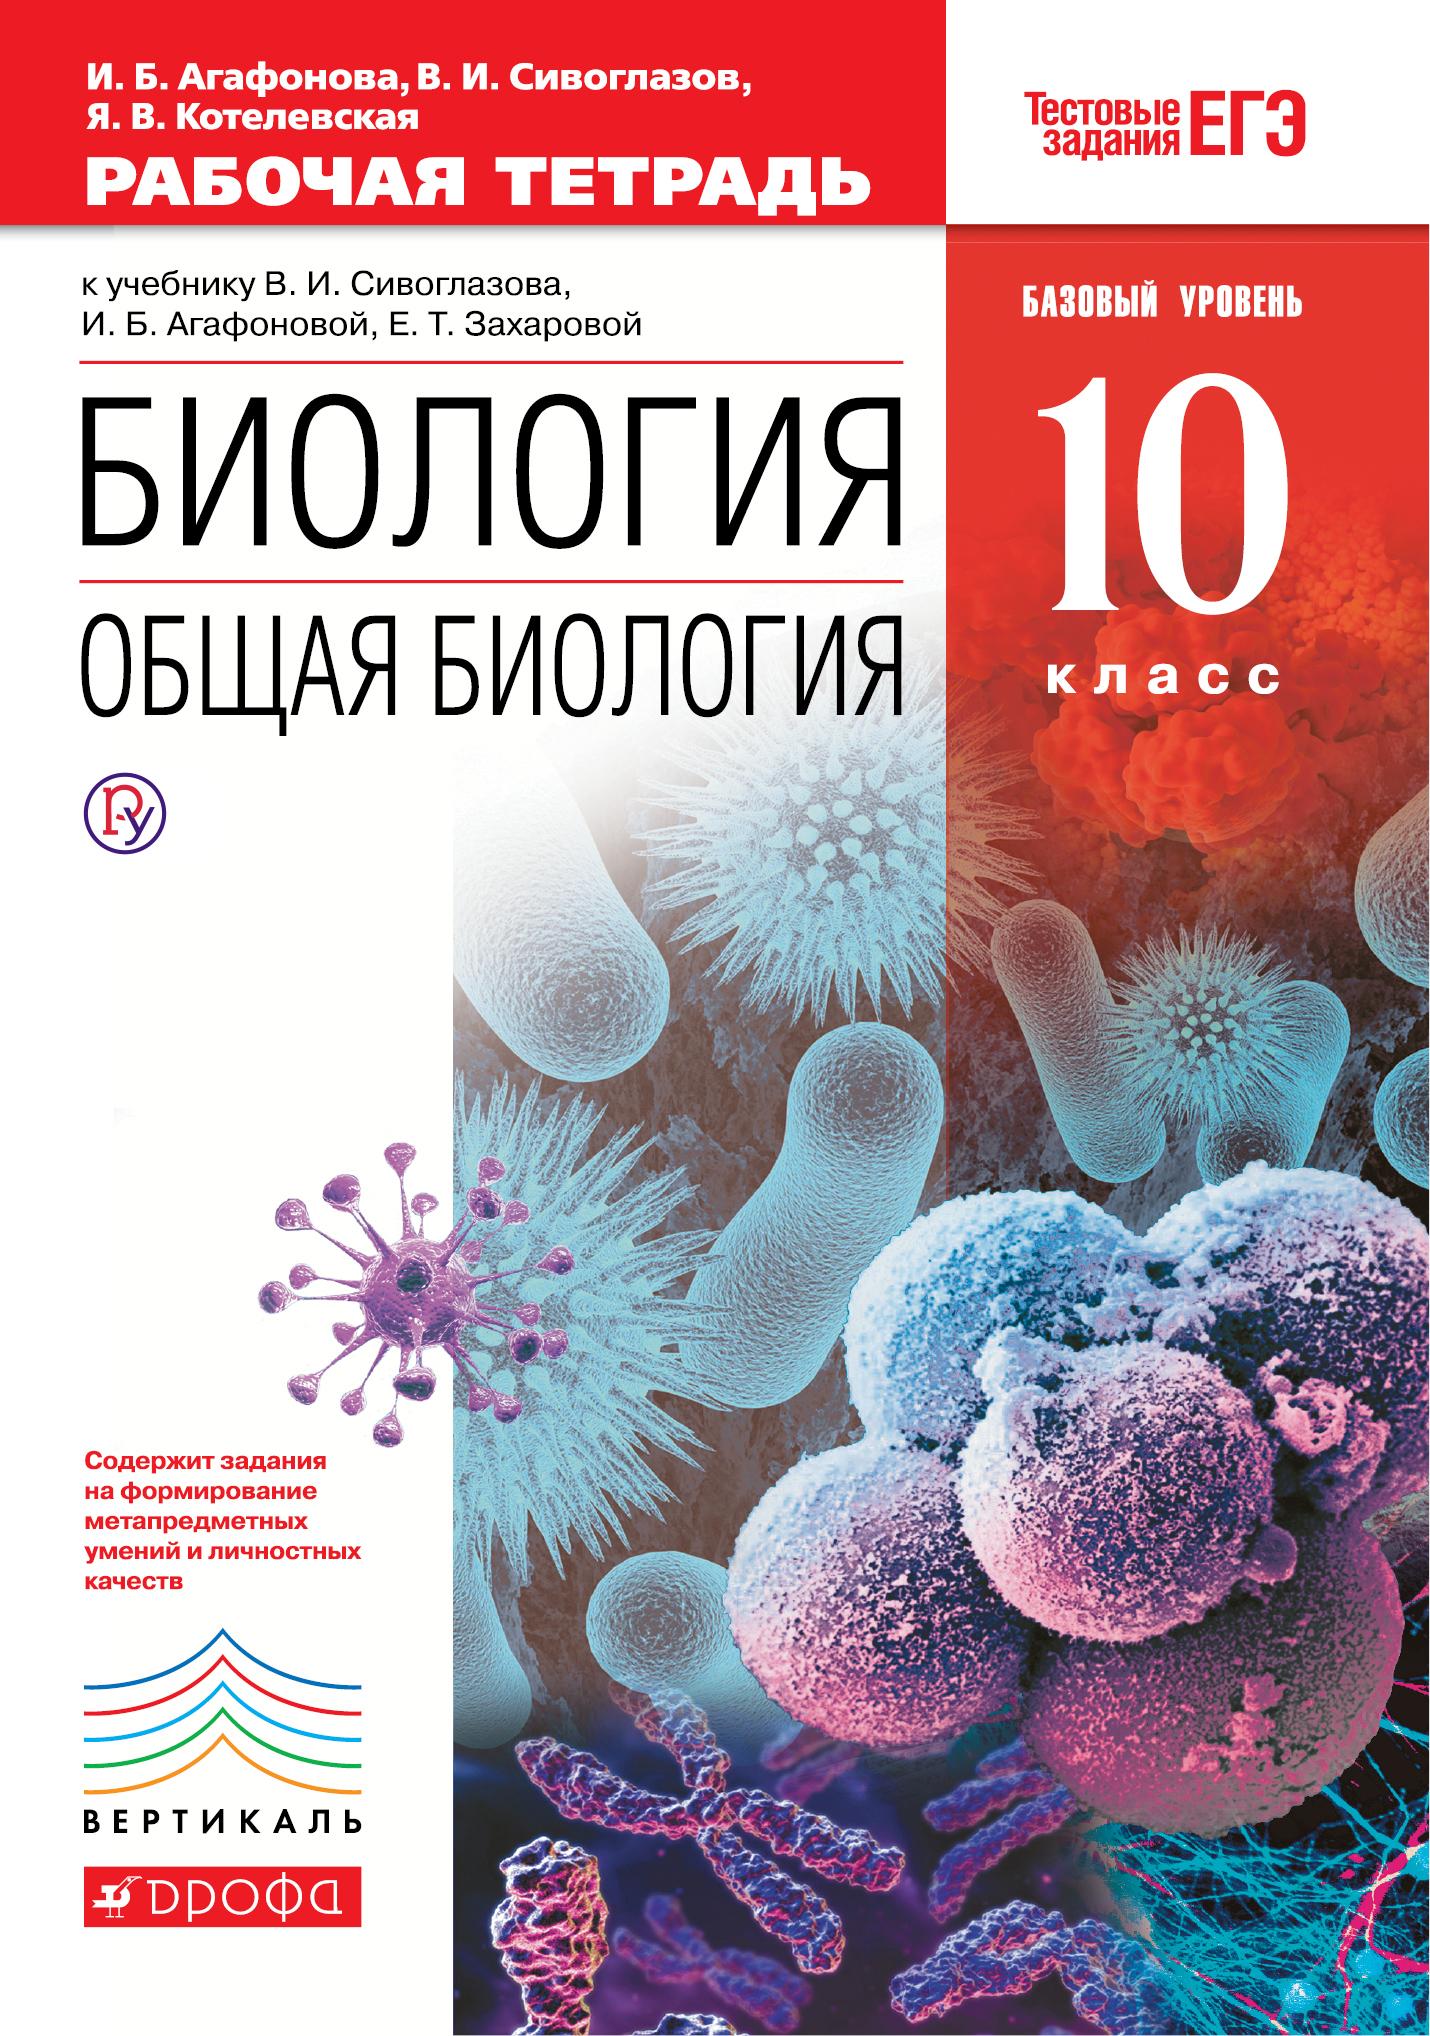 Общая биология. 10 класс. Базовый уровень. Рабочая тетрадь (С тестовыми заданиями ЕГЭ). (Красный). ВЕРТИКАЛЬ